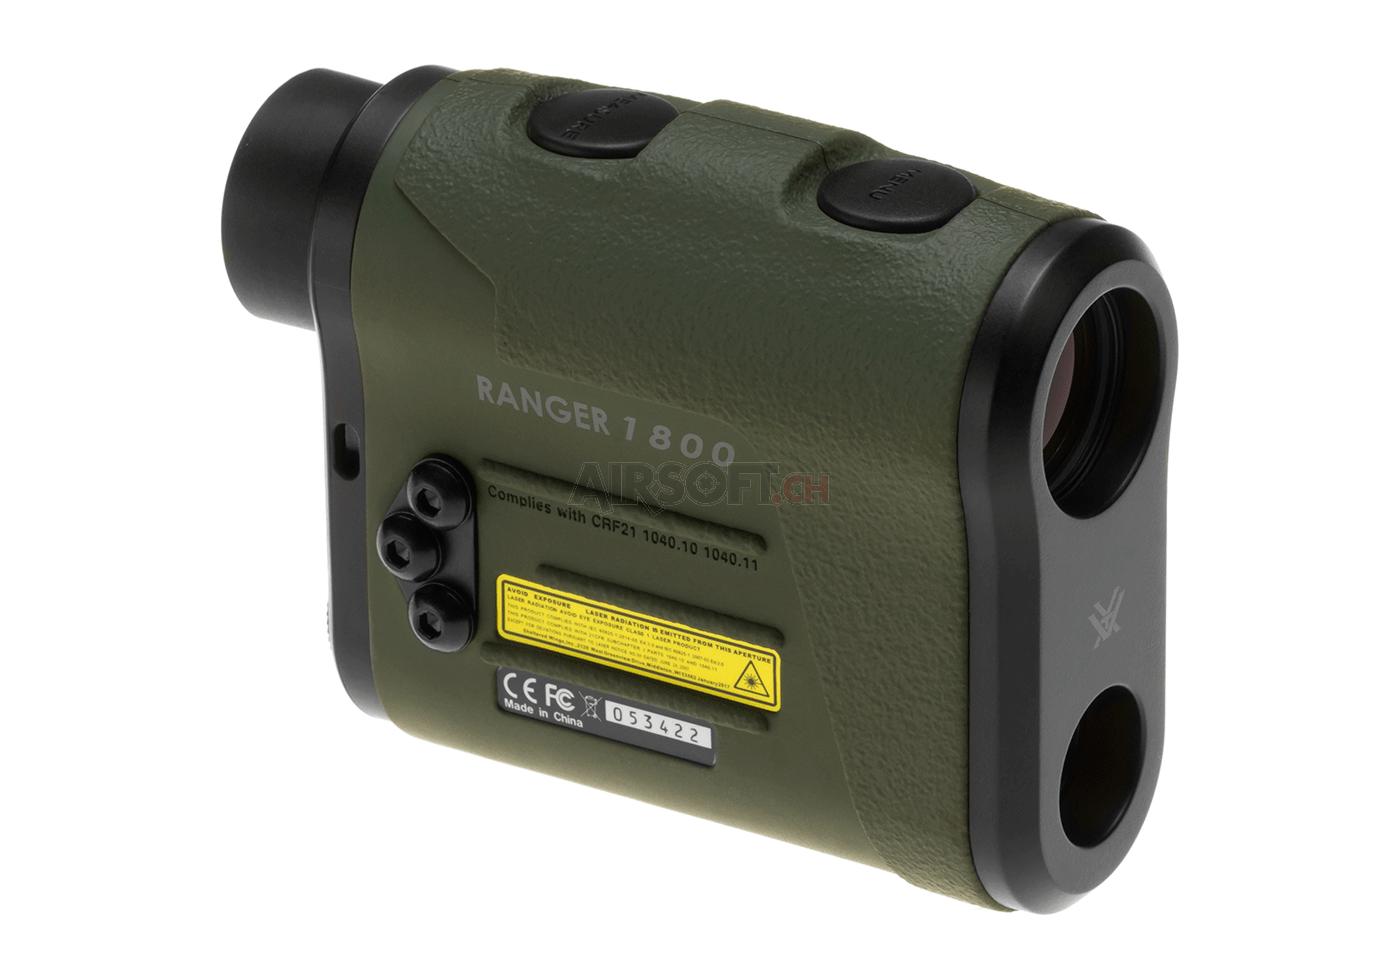 Kahles Fernglas Mit Entfernungsmesser : Jagd freizeit kahles helia rf entfernungsmesser